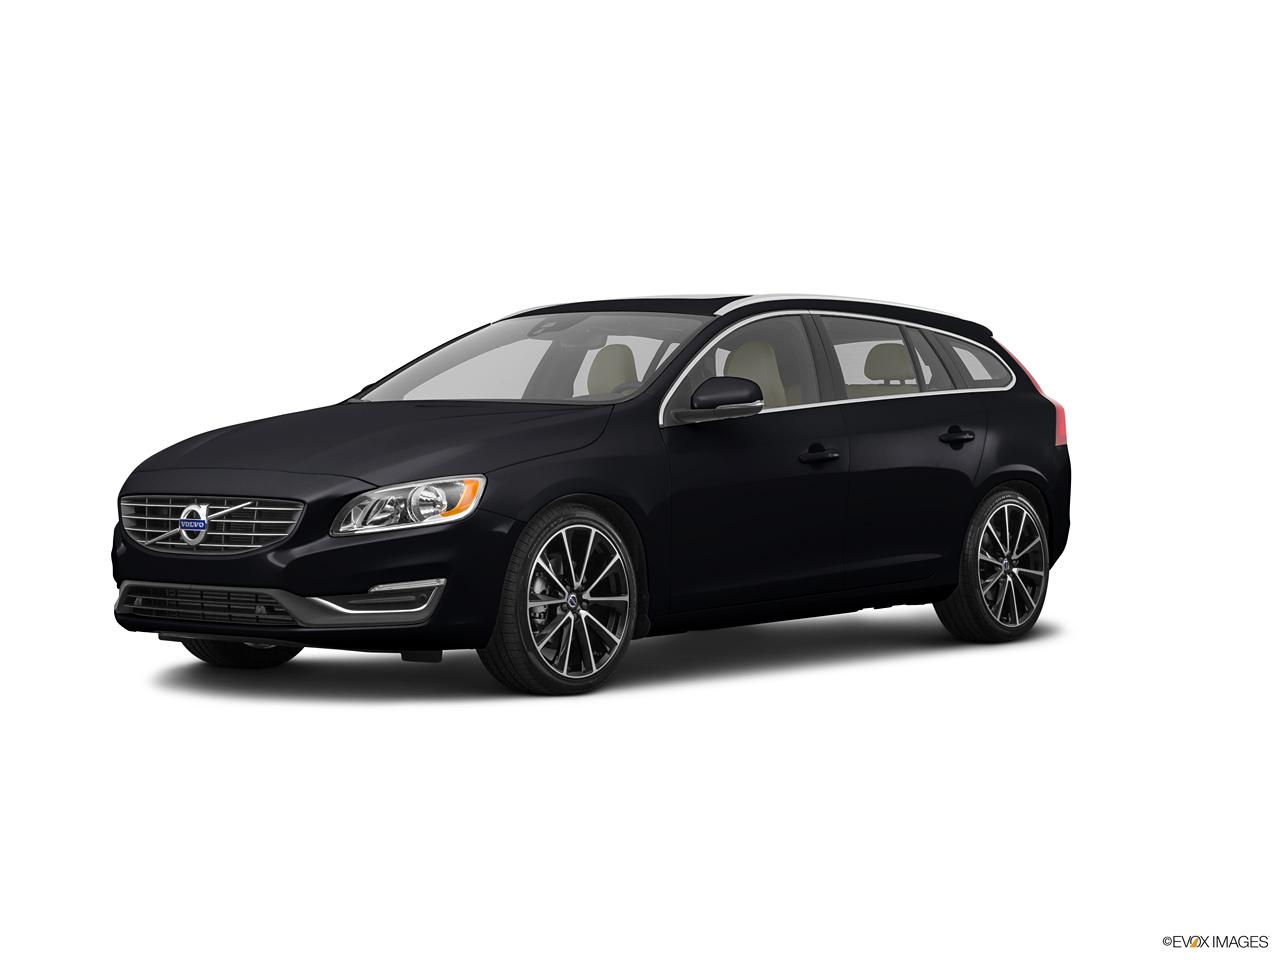 car features list for volvo v60 2017 2 0 t5 r design oman. Black Bedroom Furniture Sets. Home Design Ideas